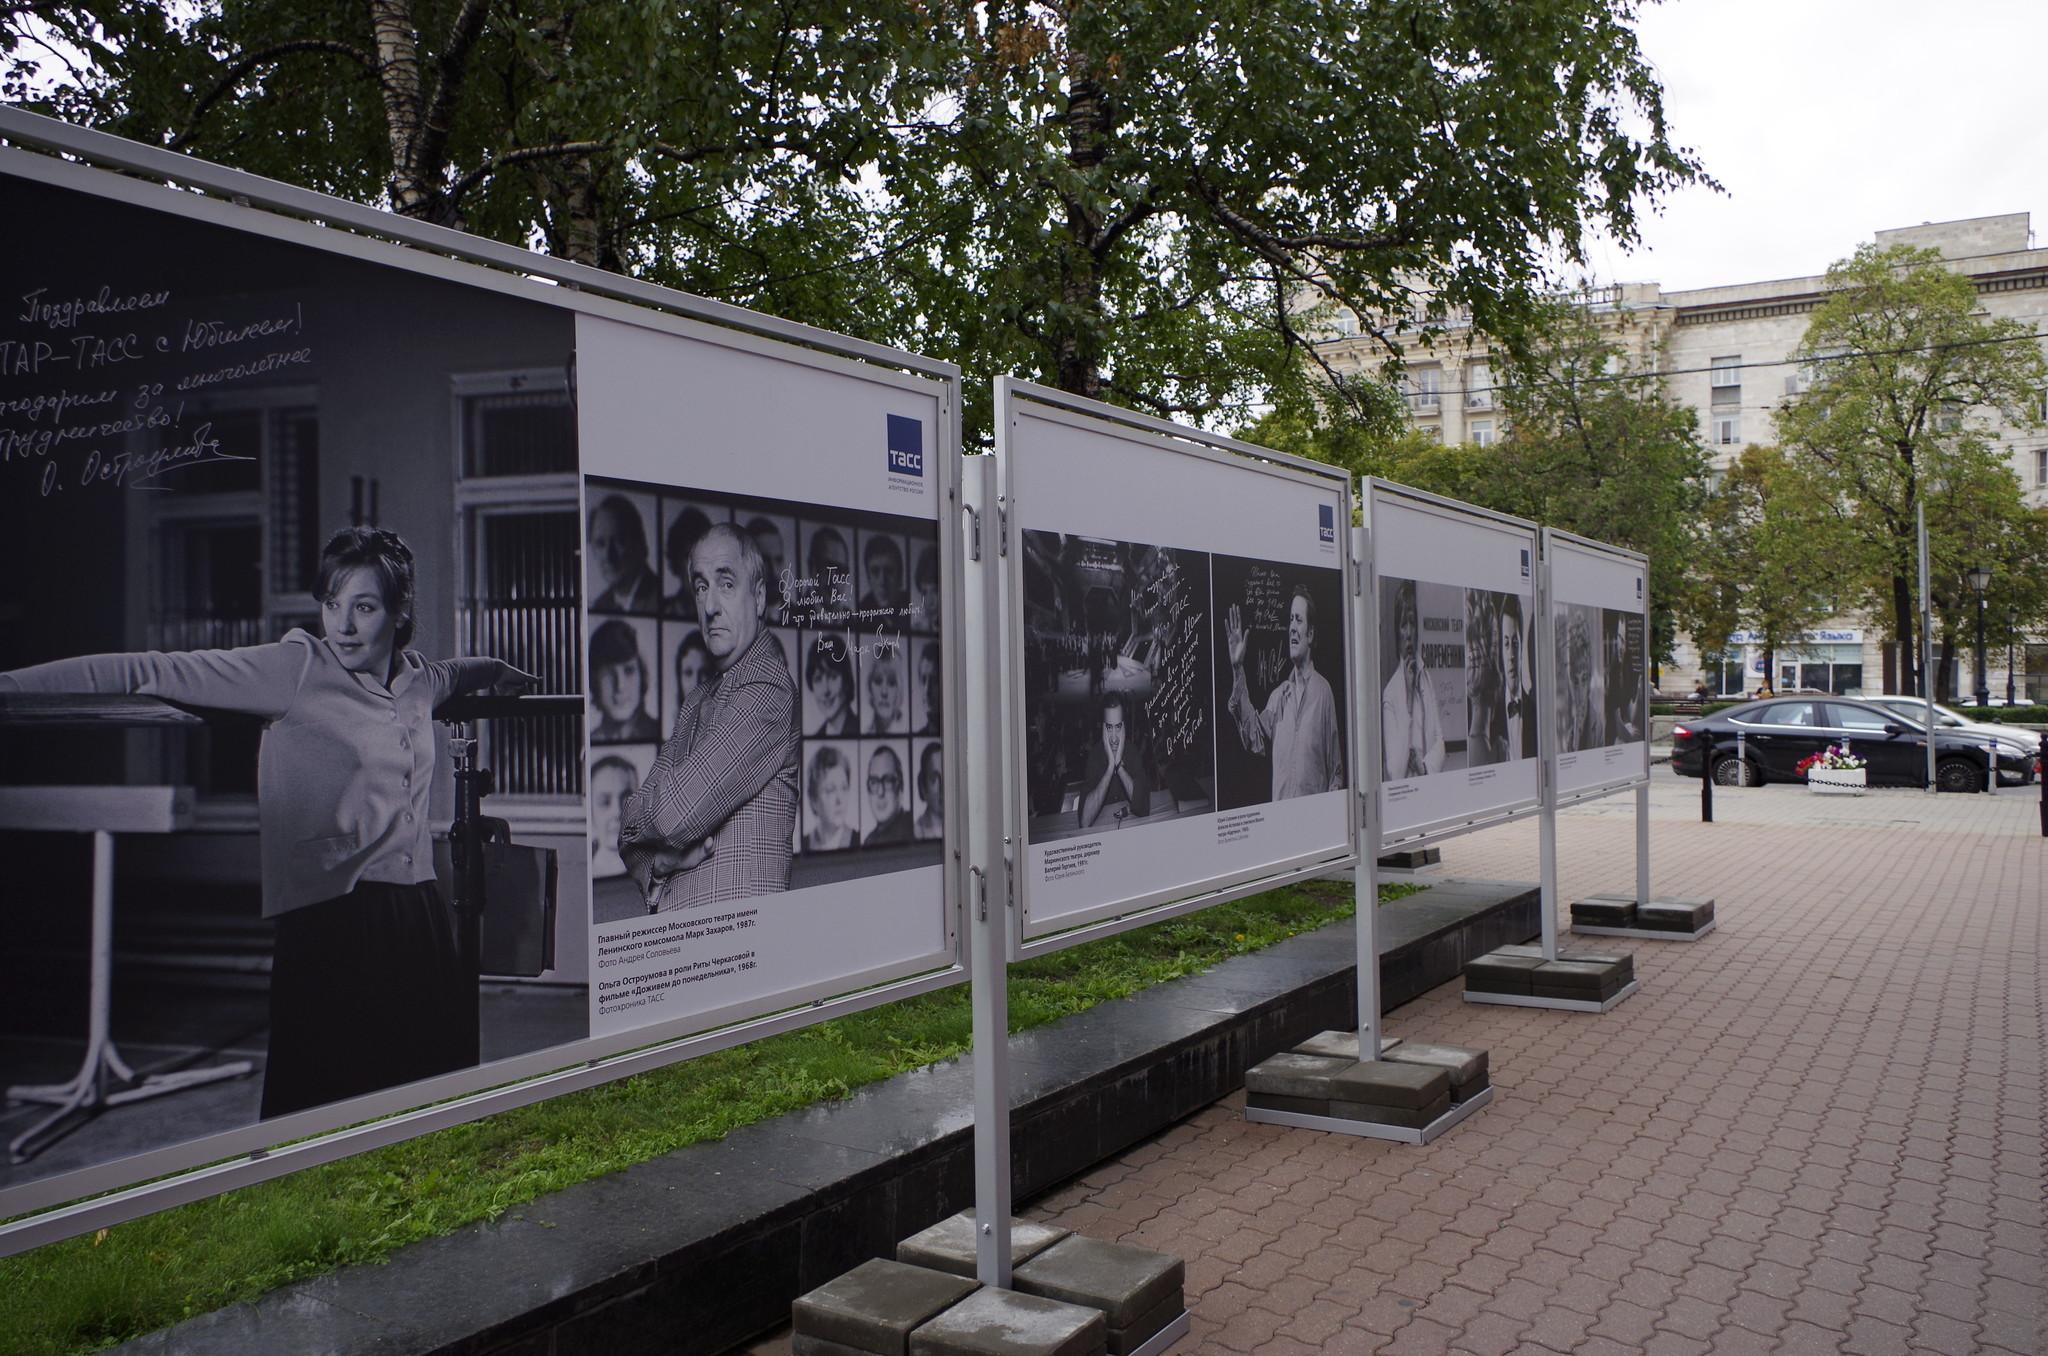 Фотовыставка «Аплодисменты. ТАСС, с юбилеем!» на Тверском бульваре